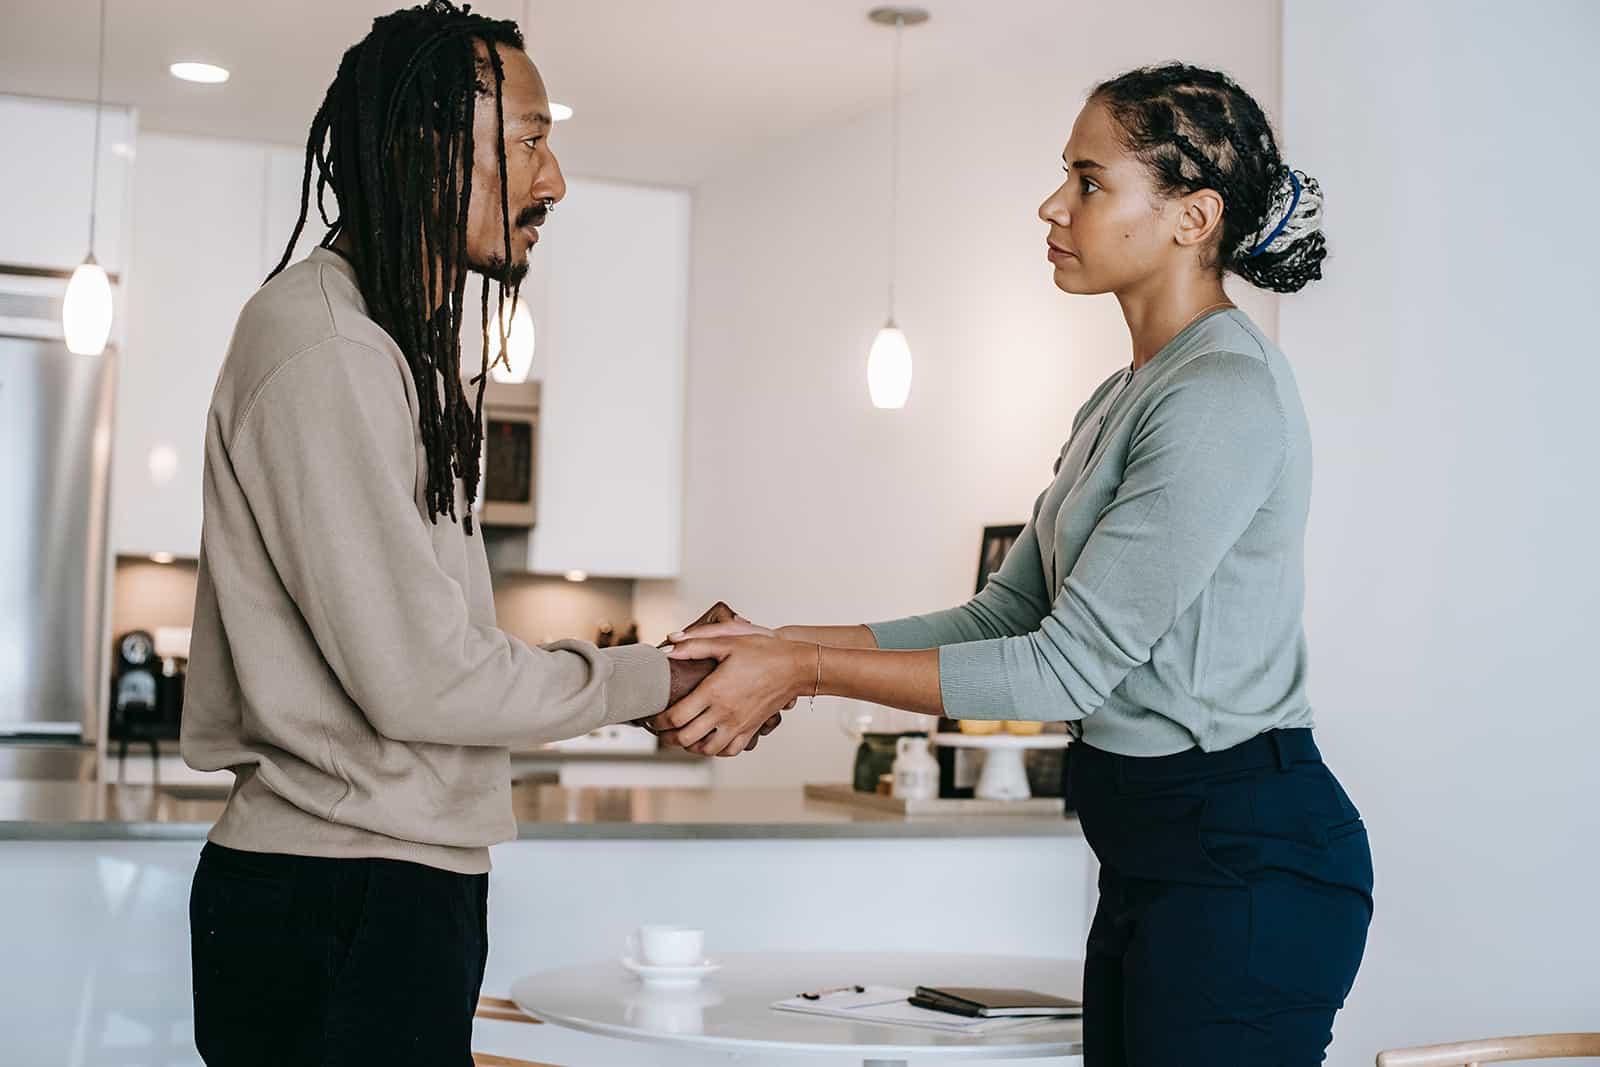 Ein Mann und eine Frau verabschieden sich beim Händchenhalten